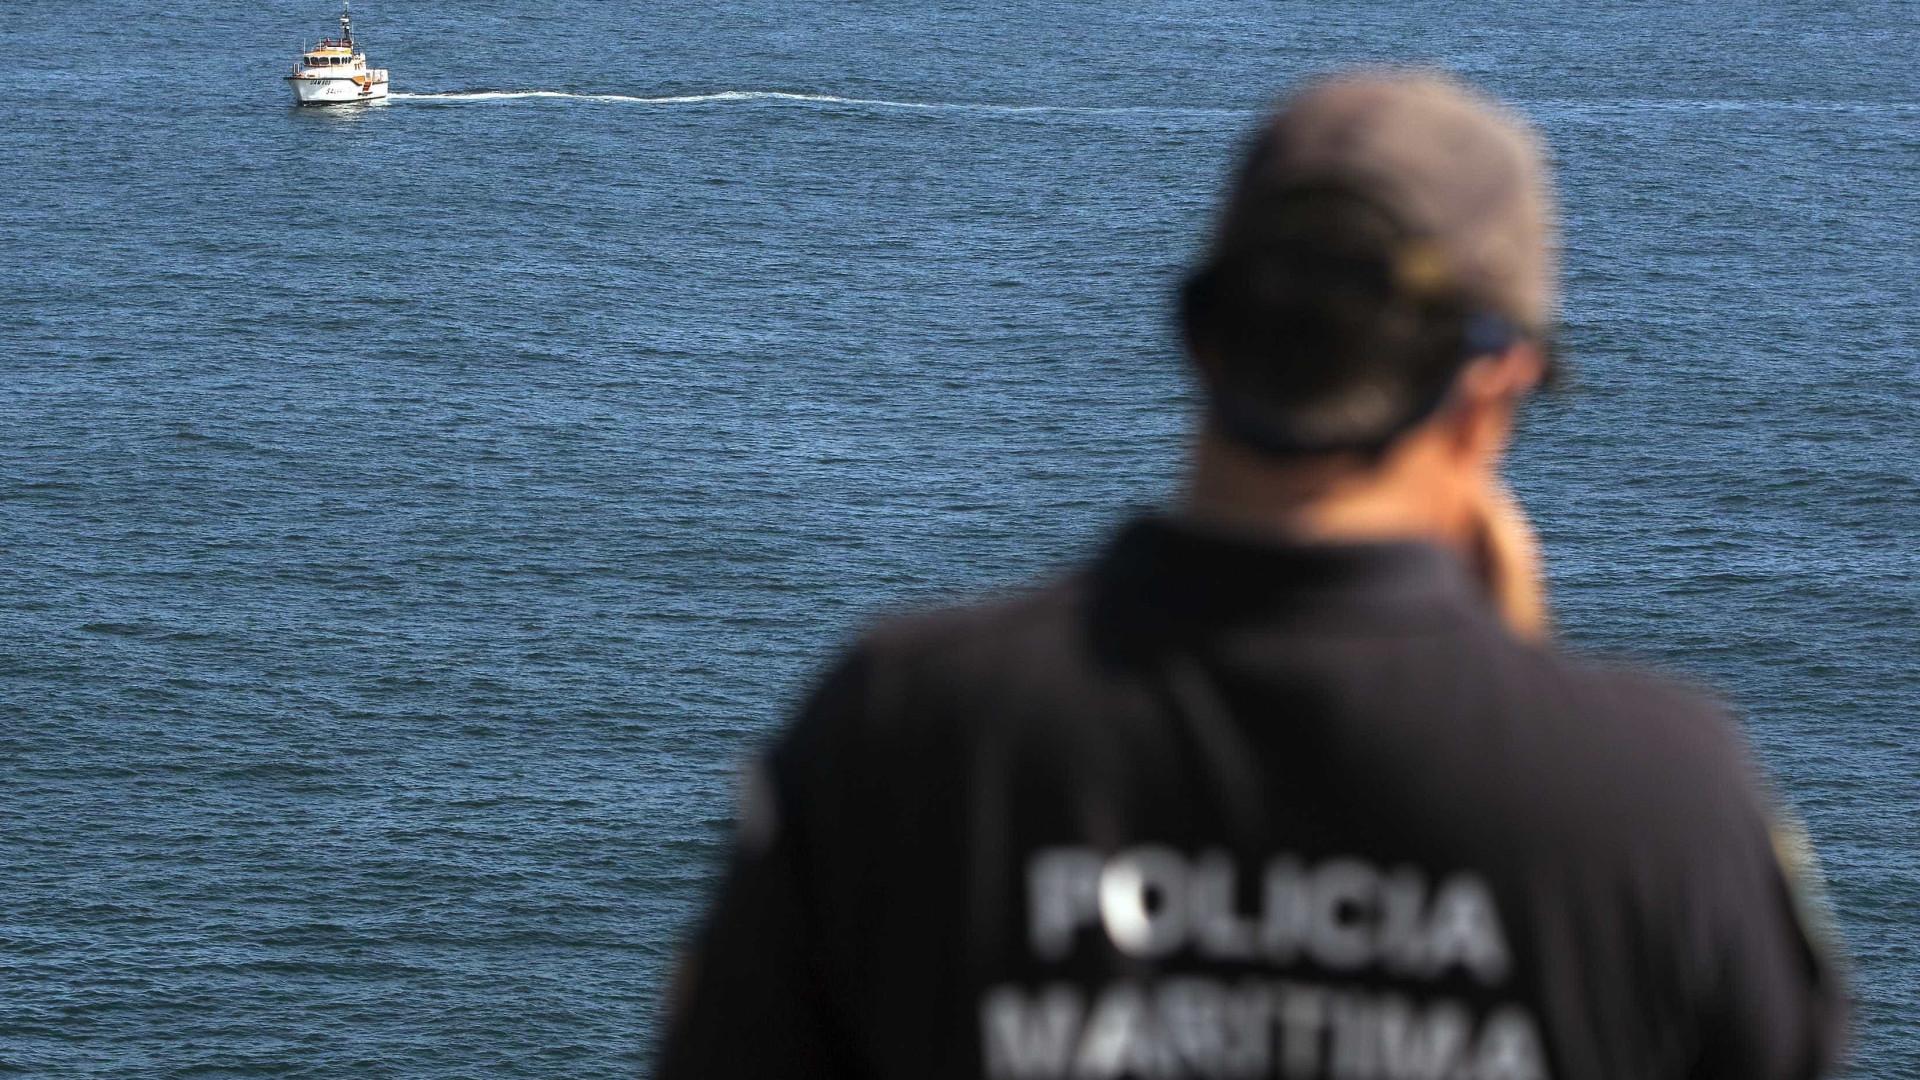 Mergulhador desaparecido encontrado já sem vida nos Açores